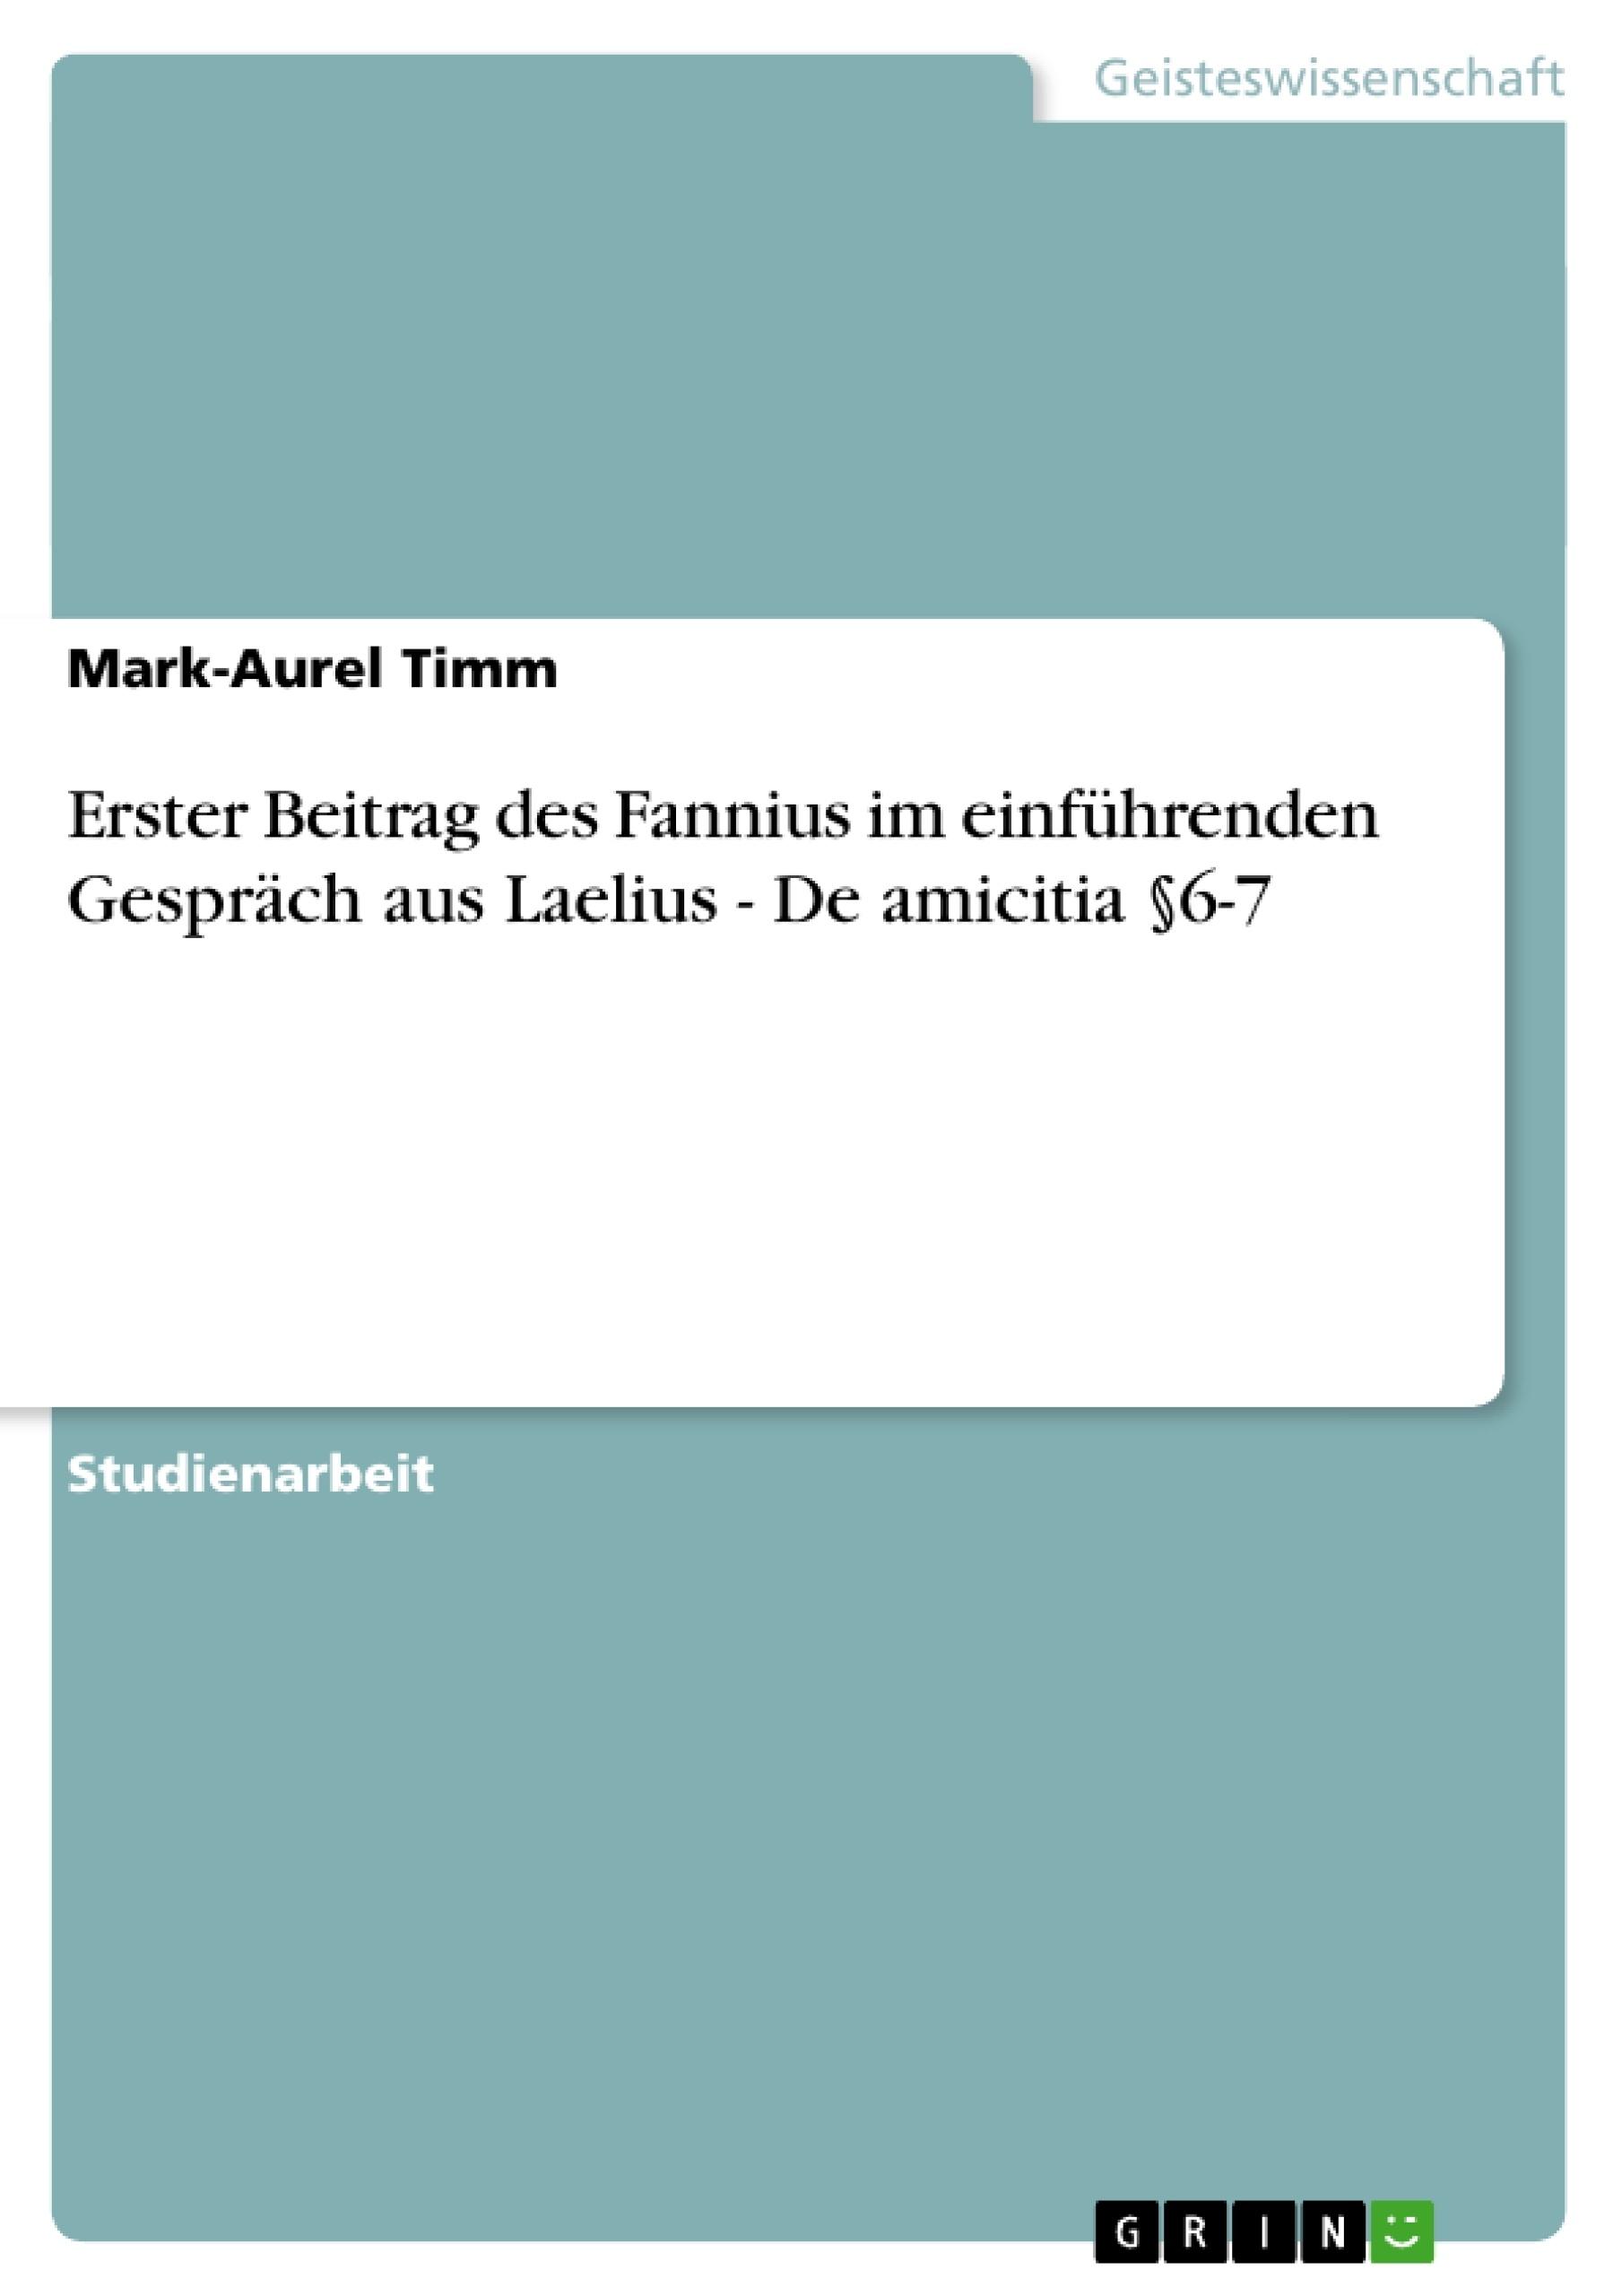 Titel: Erster Beitrag des Fannius im einführenden Gespräch aus Laelius - De amicitia §6-7